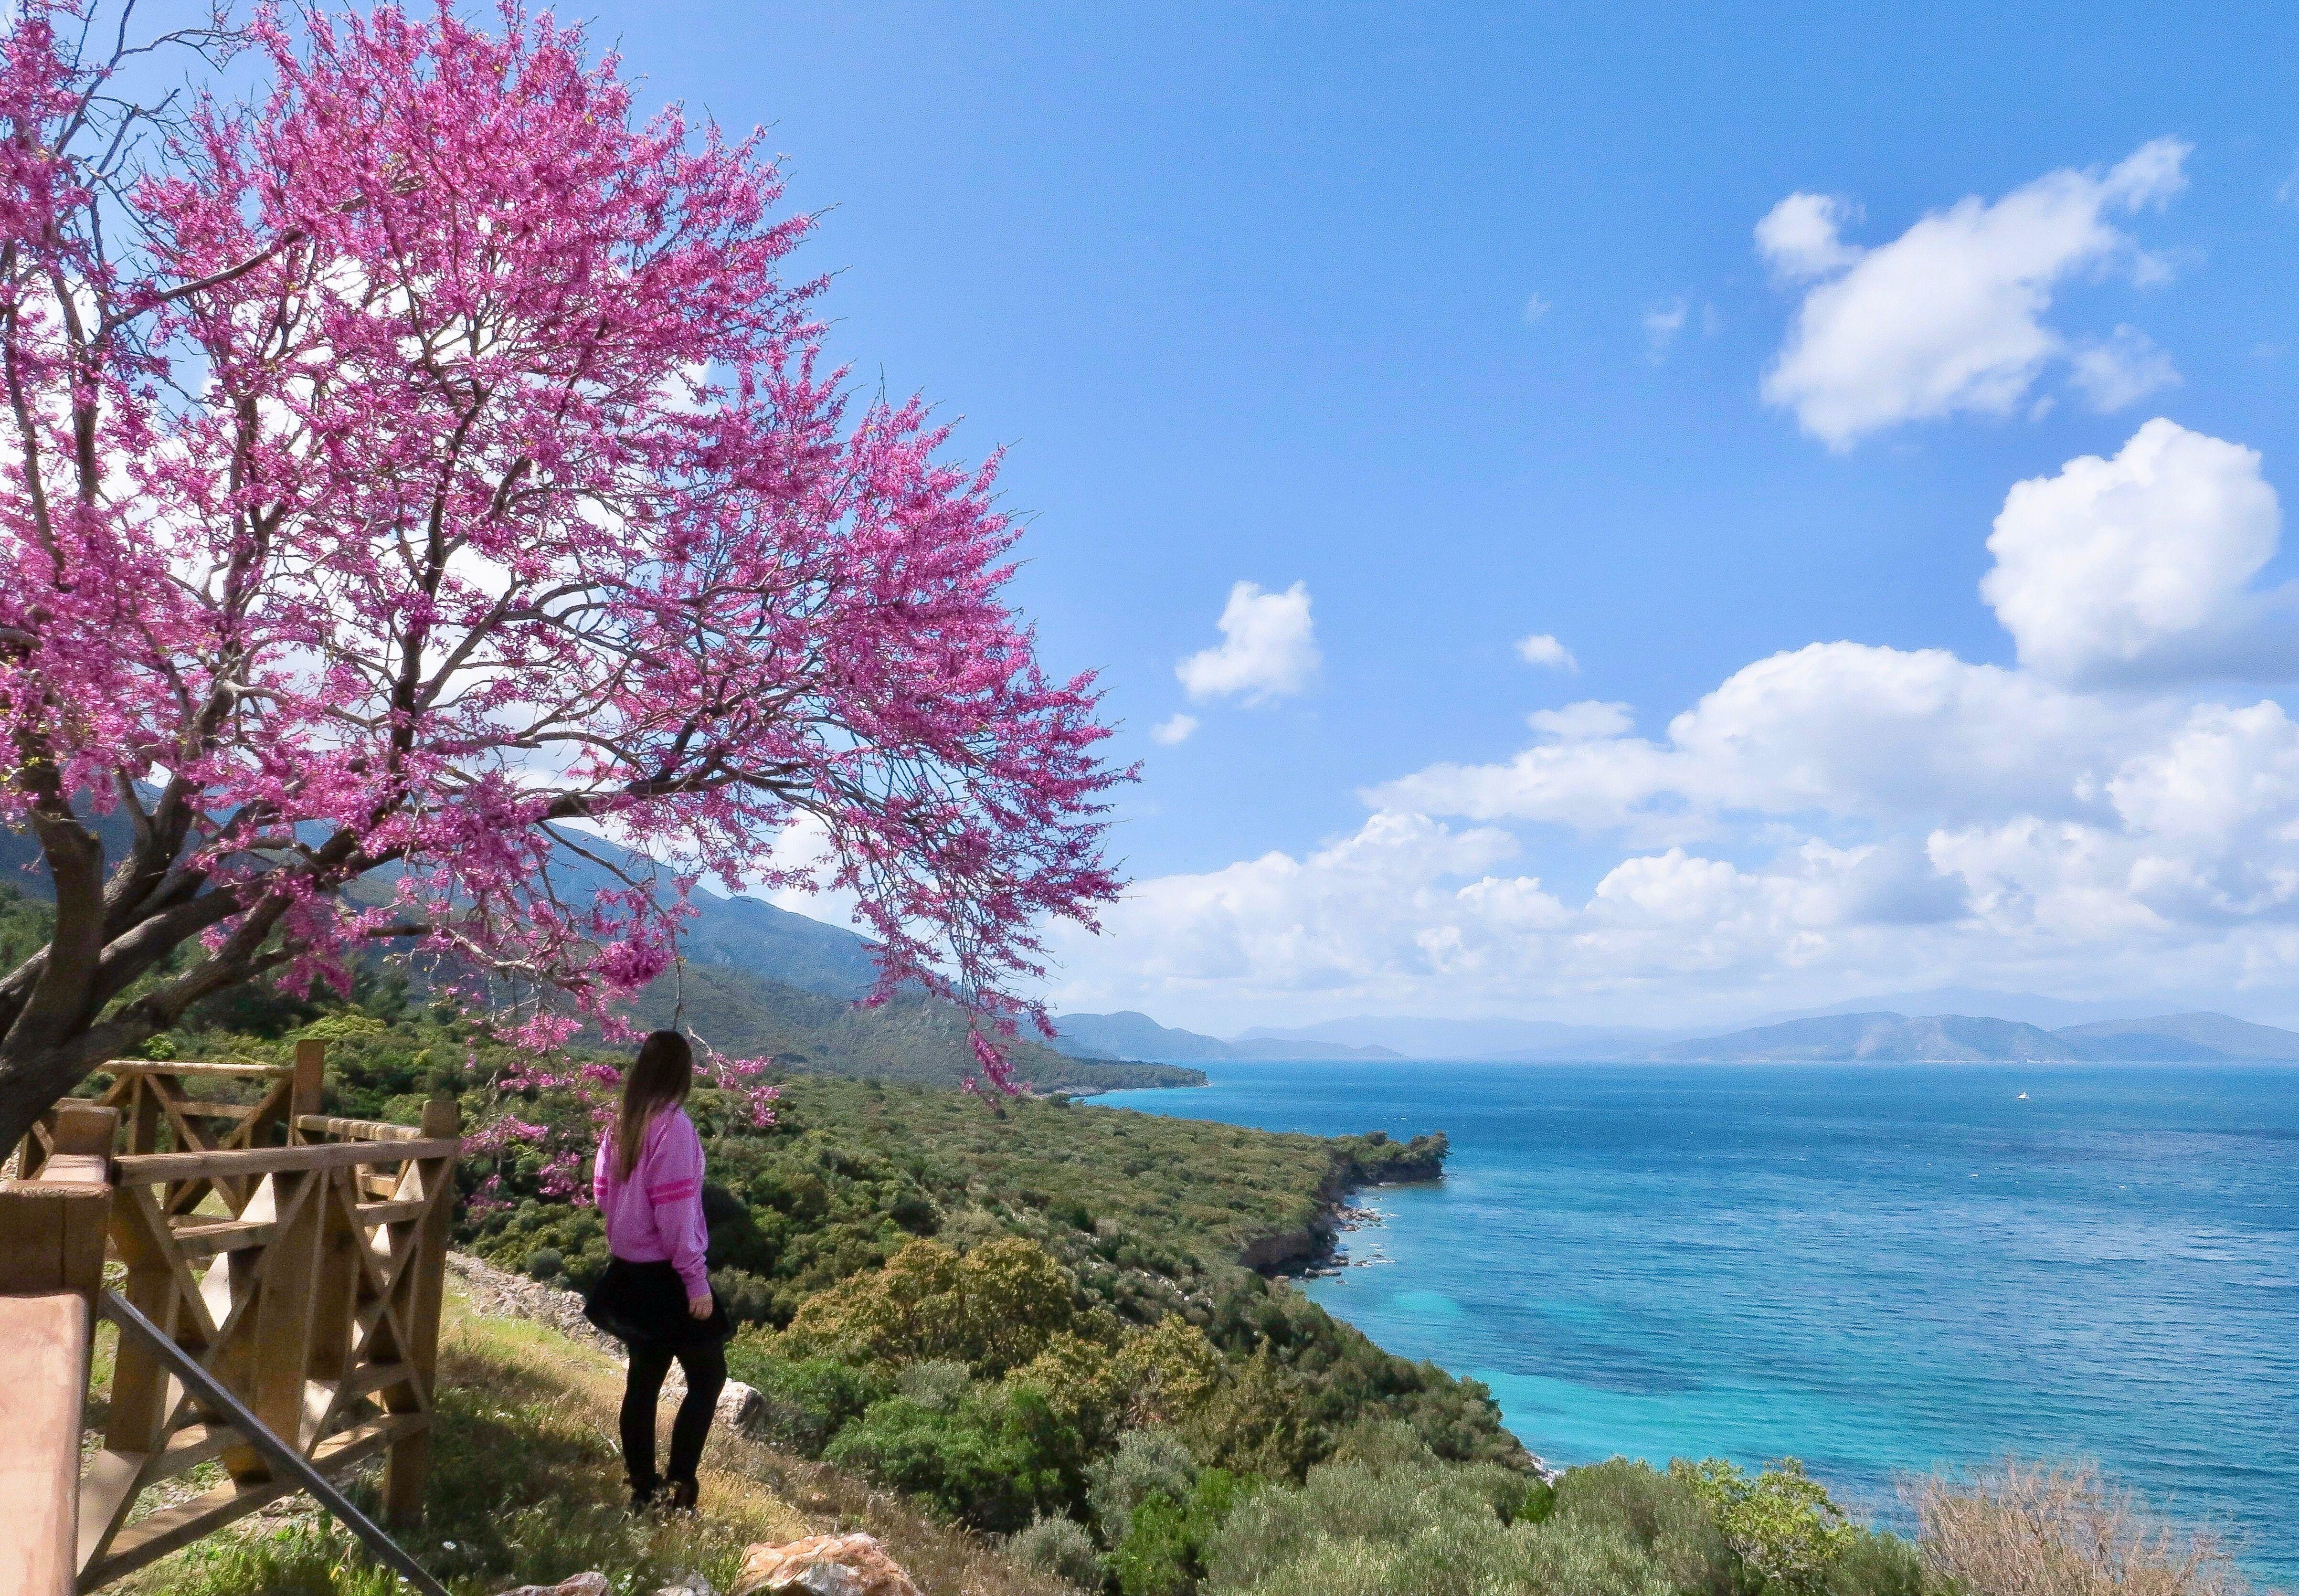 Photo of Dilek Peninsula – Büyük Menderes Delta National Park